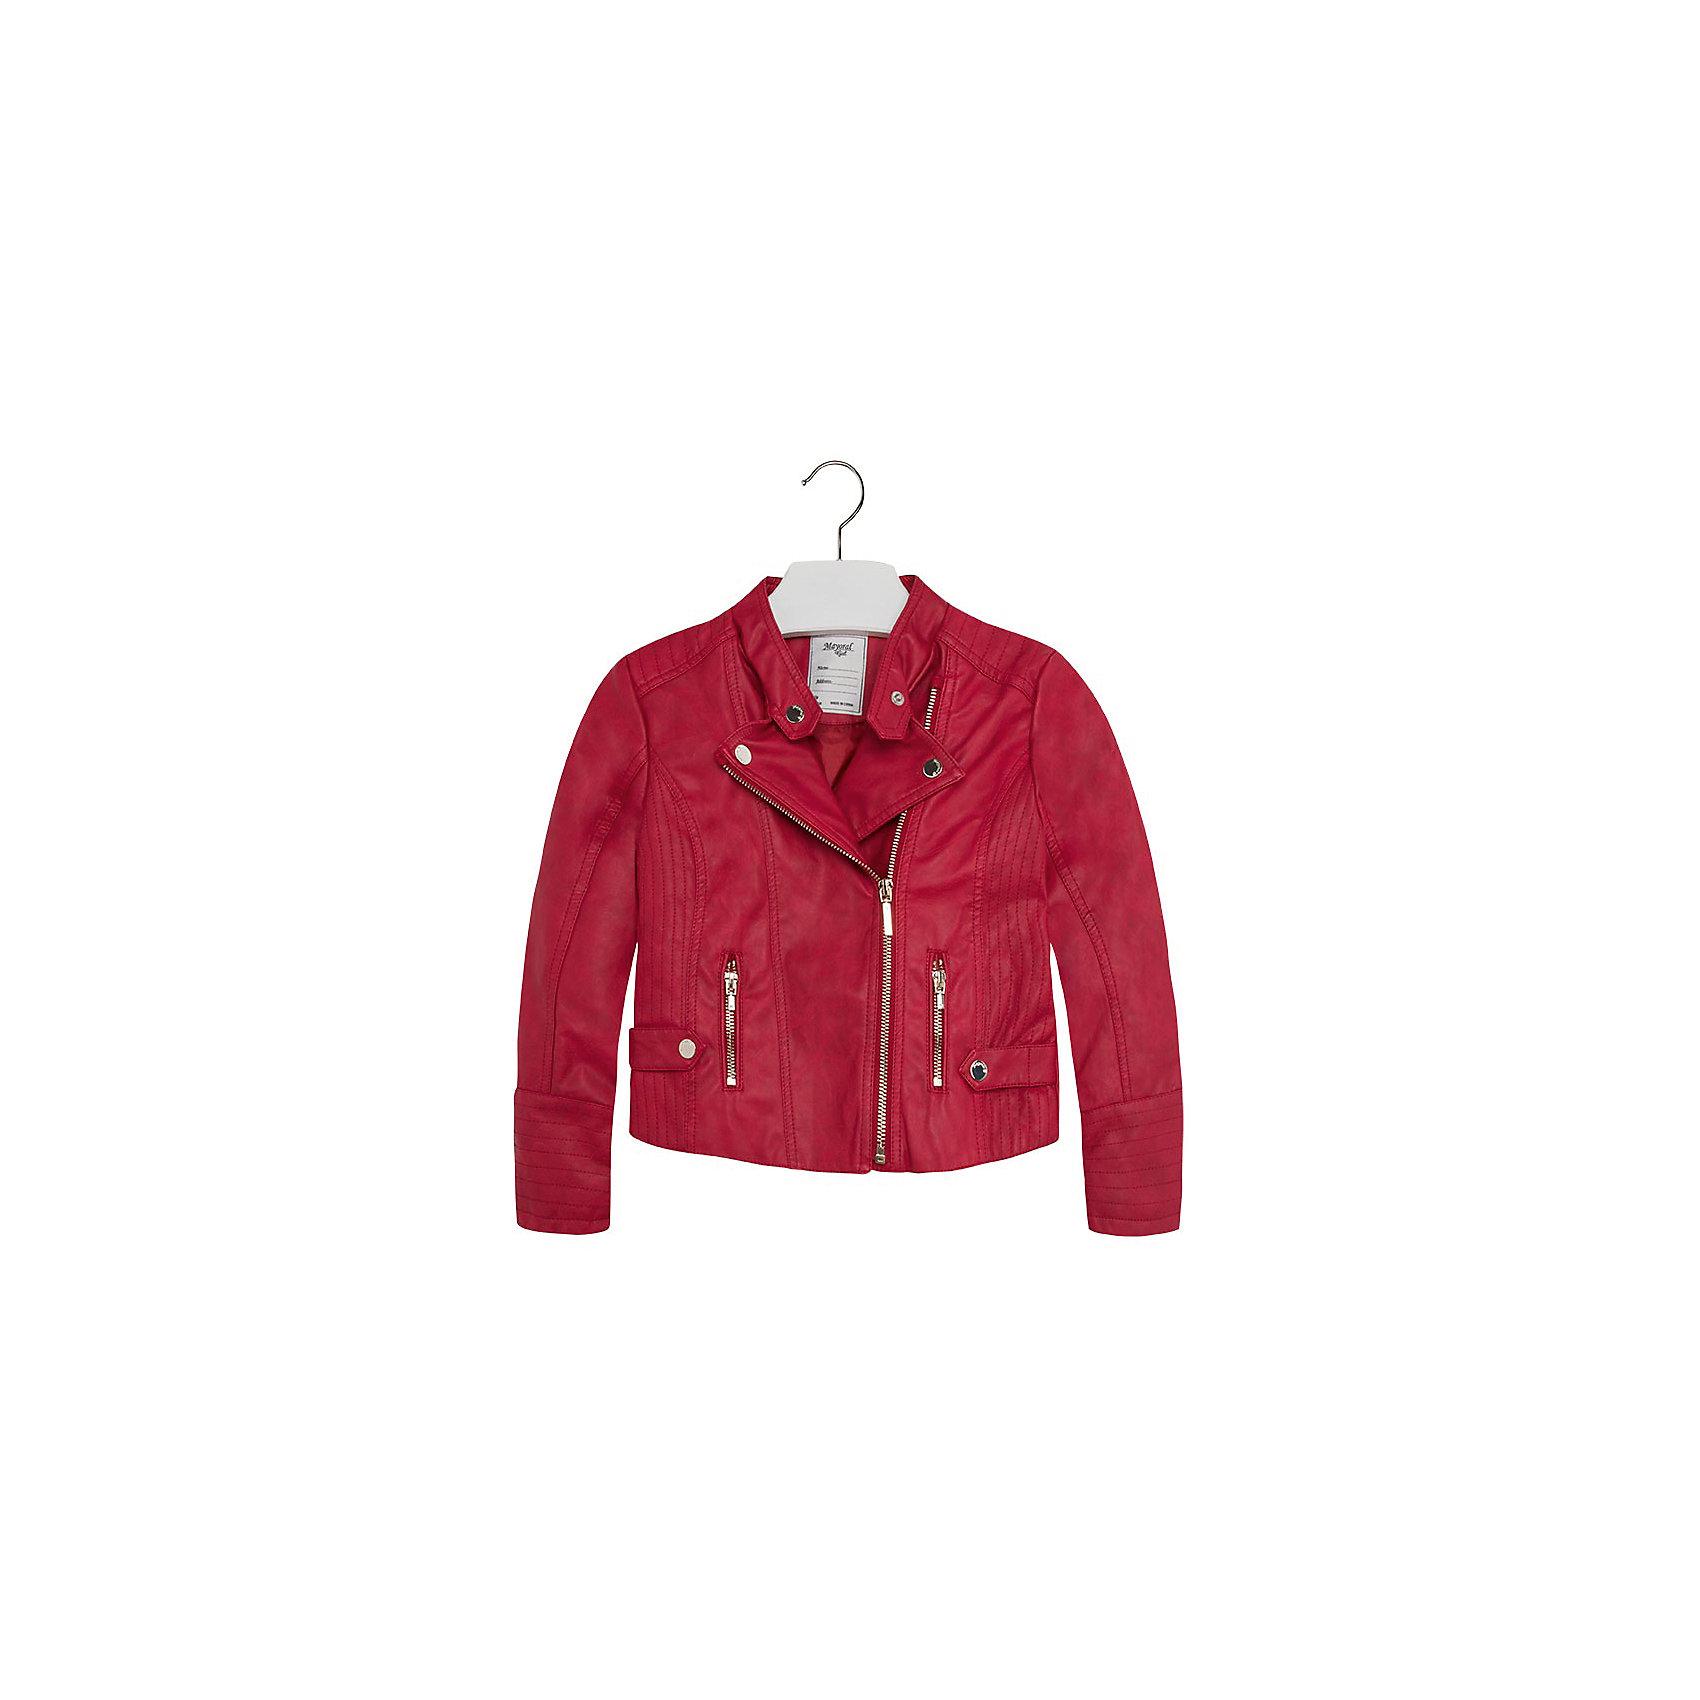 Куртка для девочки MayoralКуртка для девочки от популярной испанской марки Mayoral.<br>Модная куртка-косуха под кожу от Mayoral – отличный вариант универсальной верхней одежды для детей. Она отлично смотрится с юбками и брюками. Удобный крой и качественный материал обеспечит ребенку комфорт при ношении этой вещи. <br>Модель имеет следующие особенности:<br><br>- цвет: красный;<br>- золотистая фурнитура;<br>- подкладка тонкая;<br>- лацканы на кнопках;<br>- отвороты в развернутом состоянии фиксируются кнопками;<br>- застежка-молния.<br><br>Состав: 100% полиуретан, подкладка - 100% полиэстер<br><br>Уход за изделием:<br><br>стирка в машине при температуре до 30°С,<br>не отбеливать.<br><br>Температурный режим:<br><br>от +5° С до +20° С<br><br>Куртку для девочки Mayoral (Майорал) можно купить в нашем магазине.<br><br>Ширина мм: 356<br>Глубина мм: 10<br>Высота мм: 245<br>Вес г: 519<br>Цвет: красный<br>Возраст от месяцев: 132<br>Возраст до месяцев: 144<br>Пол: Женский<br>Возраст: Детский<br>Размер: 152,158,140,164,128<br>SKU: 4190298